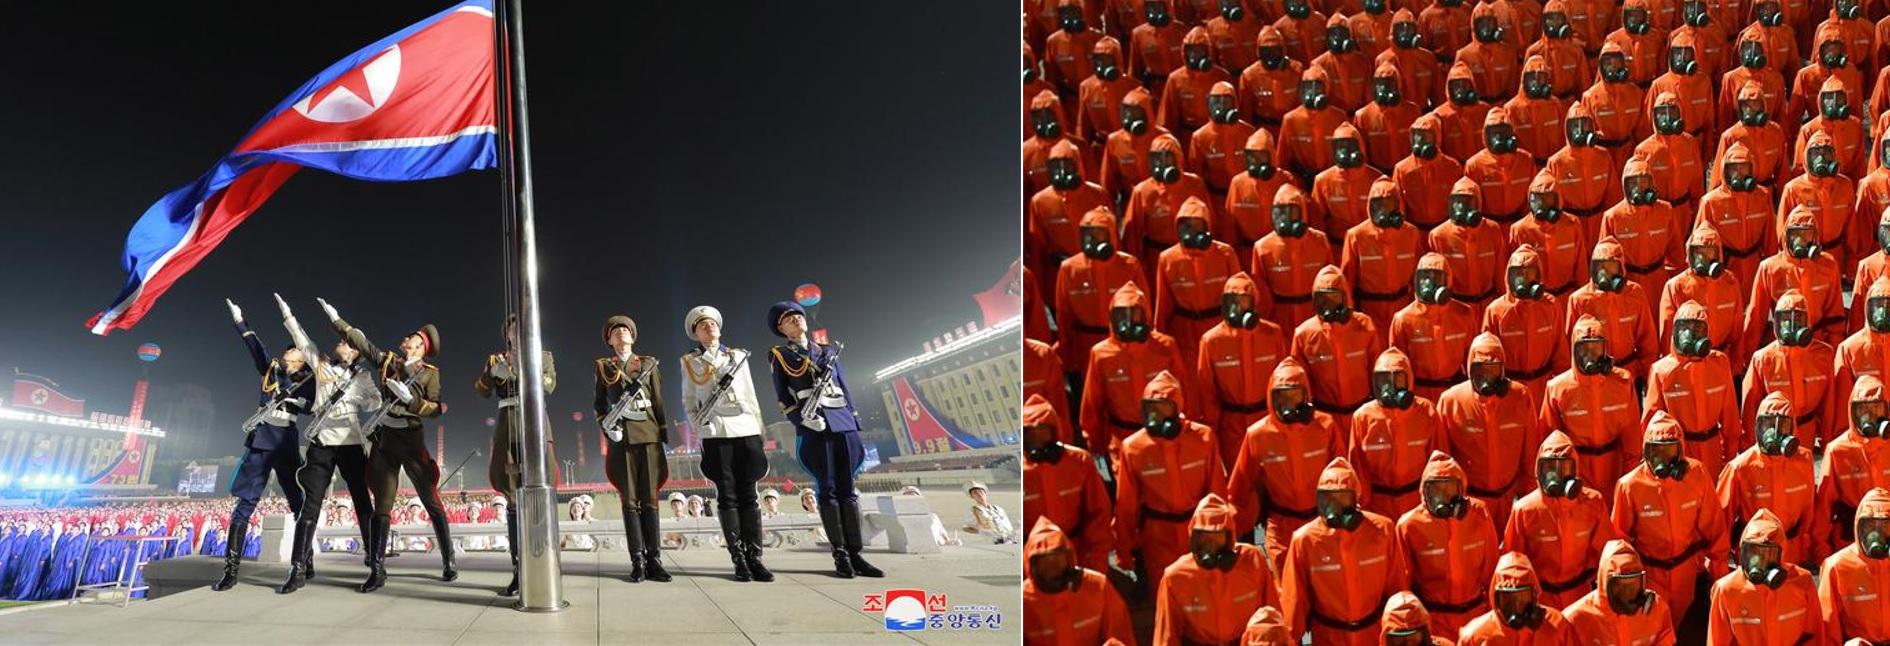 парад в Северной Корее 8 сентября 2021